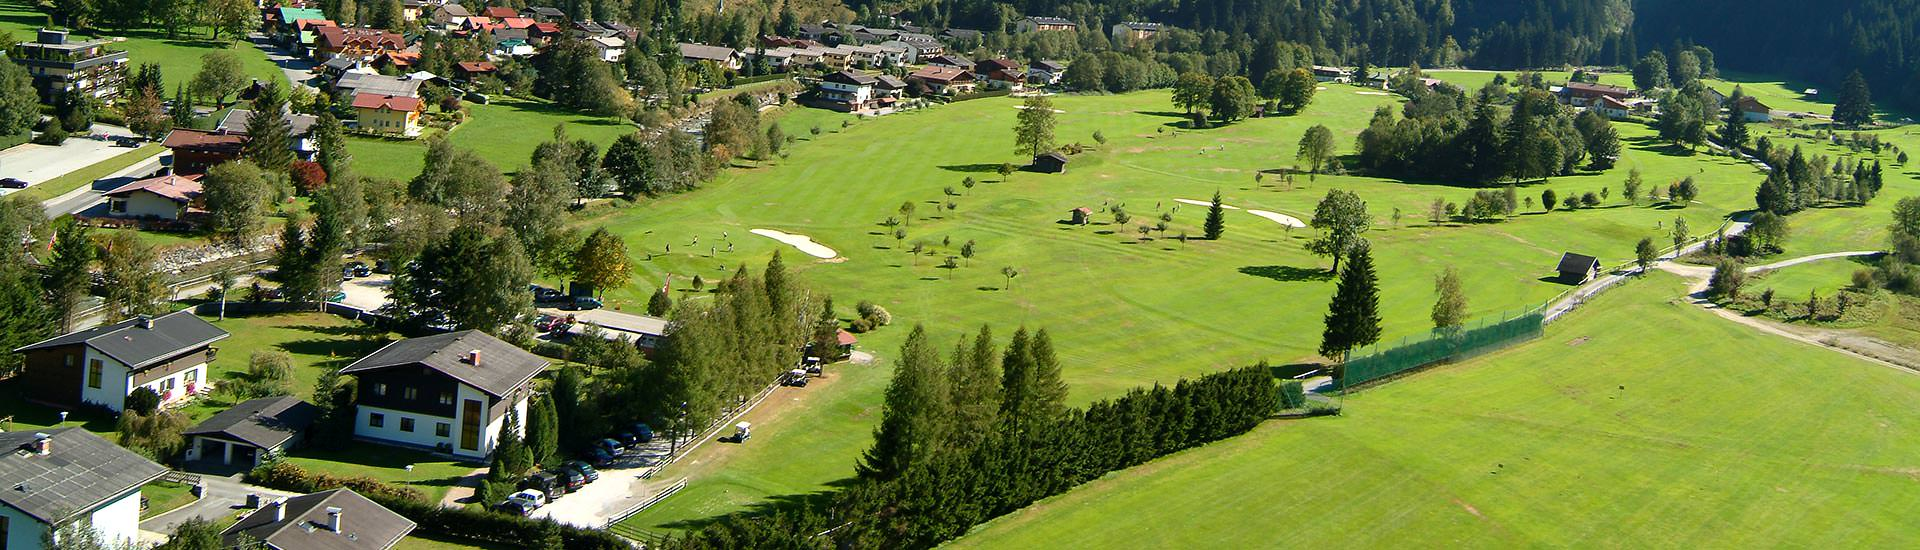 Hotel Impuls Tirol Golf